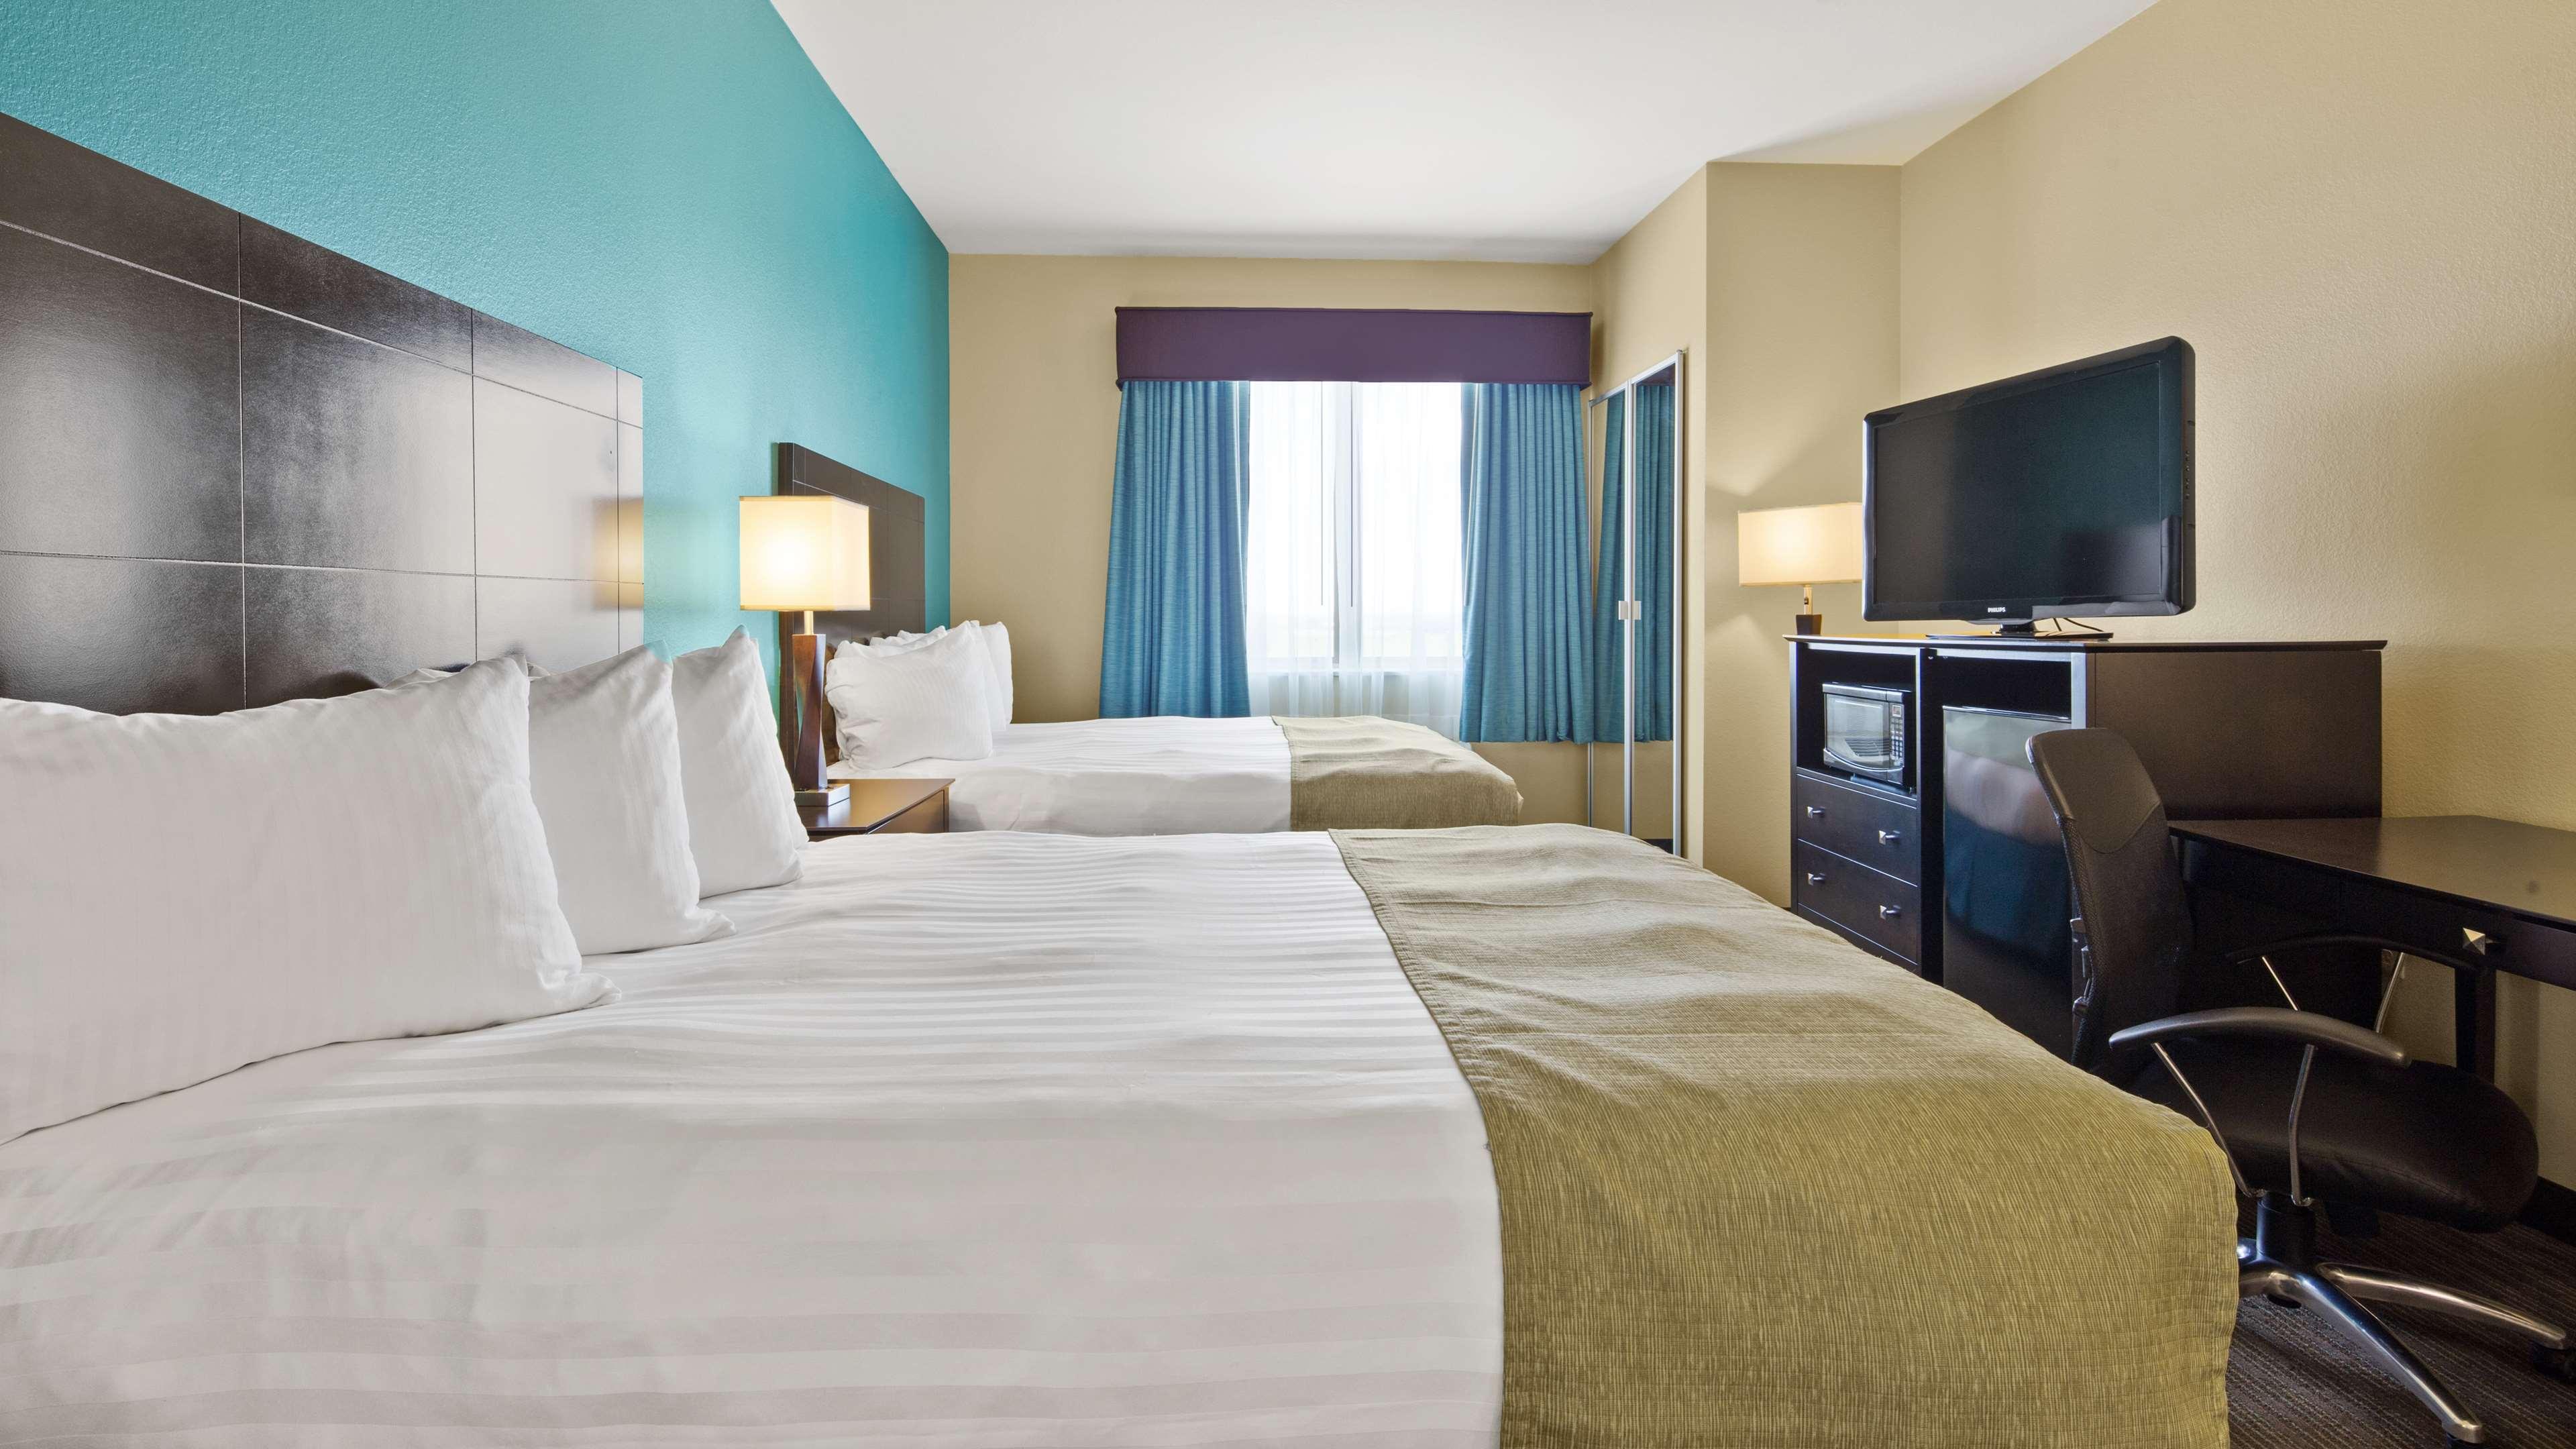 Best Western Lindsay Inn & Suites image 14